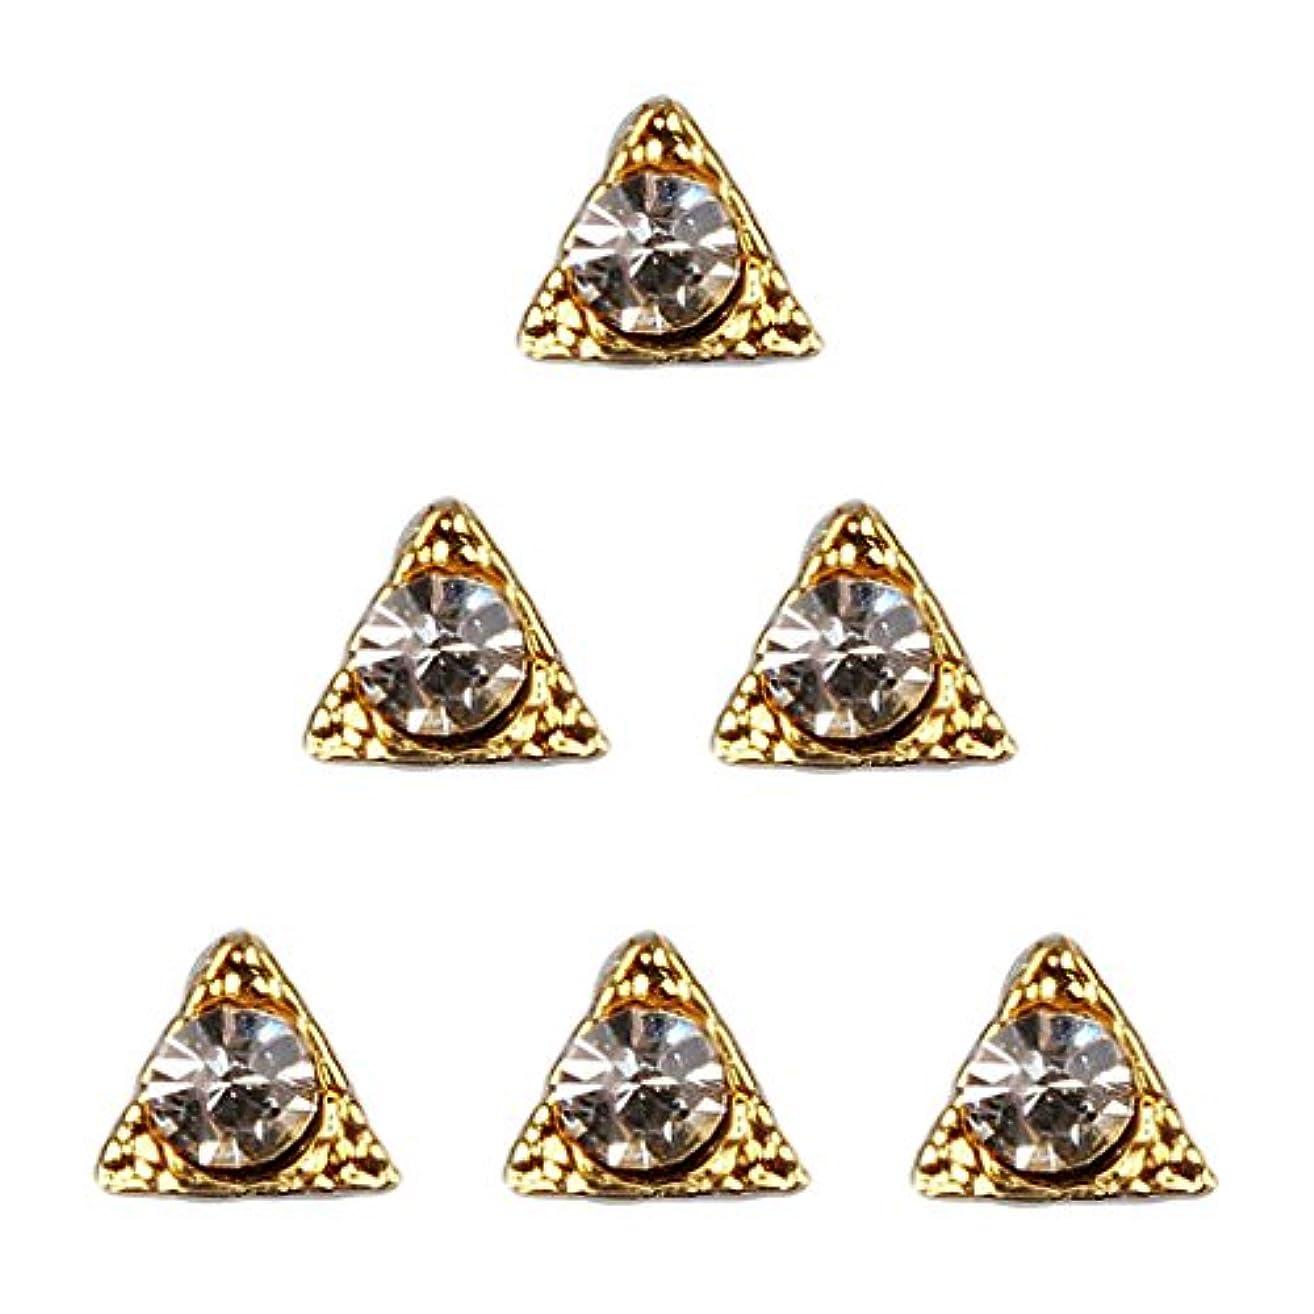 ハンディキャップチョークそこ全8種類 マニキュア ネイルデザイン ダイヤモンド 3Dネイルアート ヒントステッカー 50個入り - 7